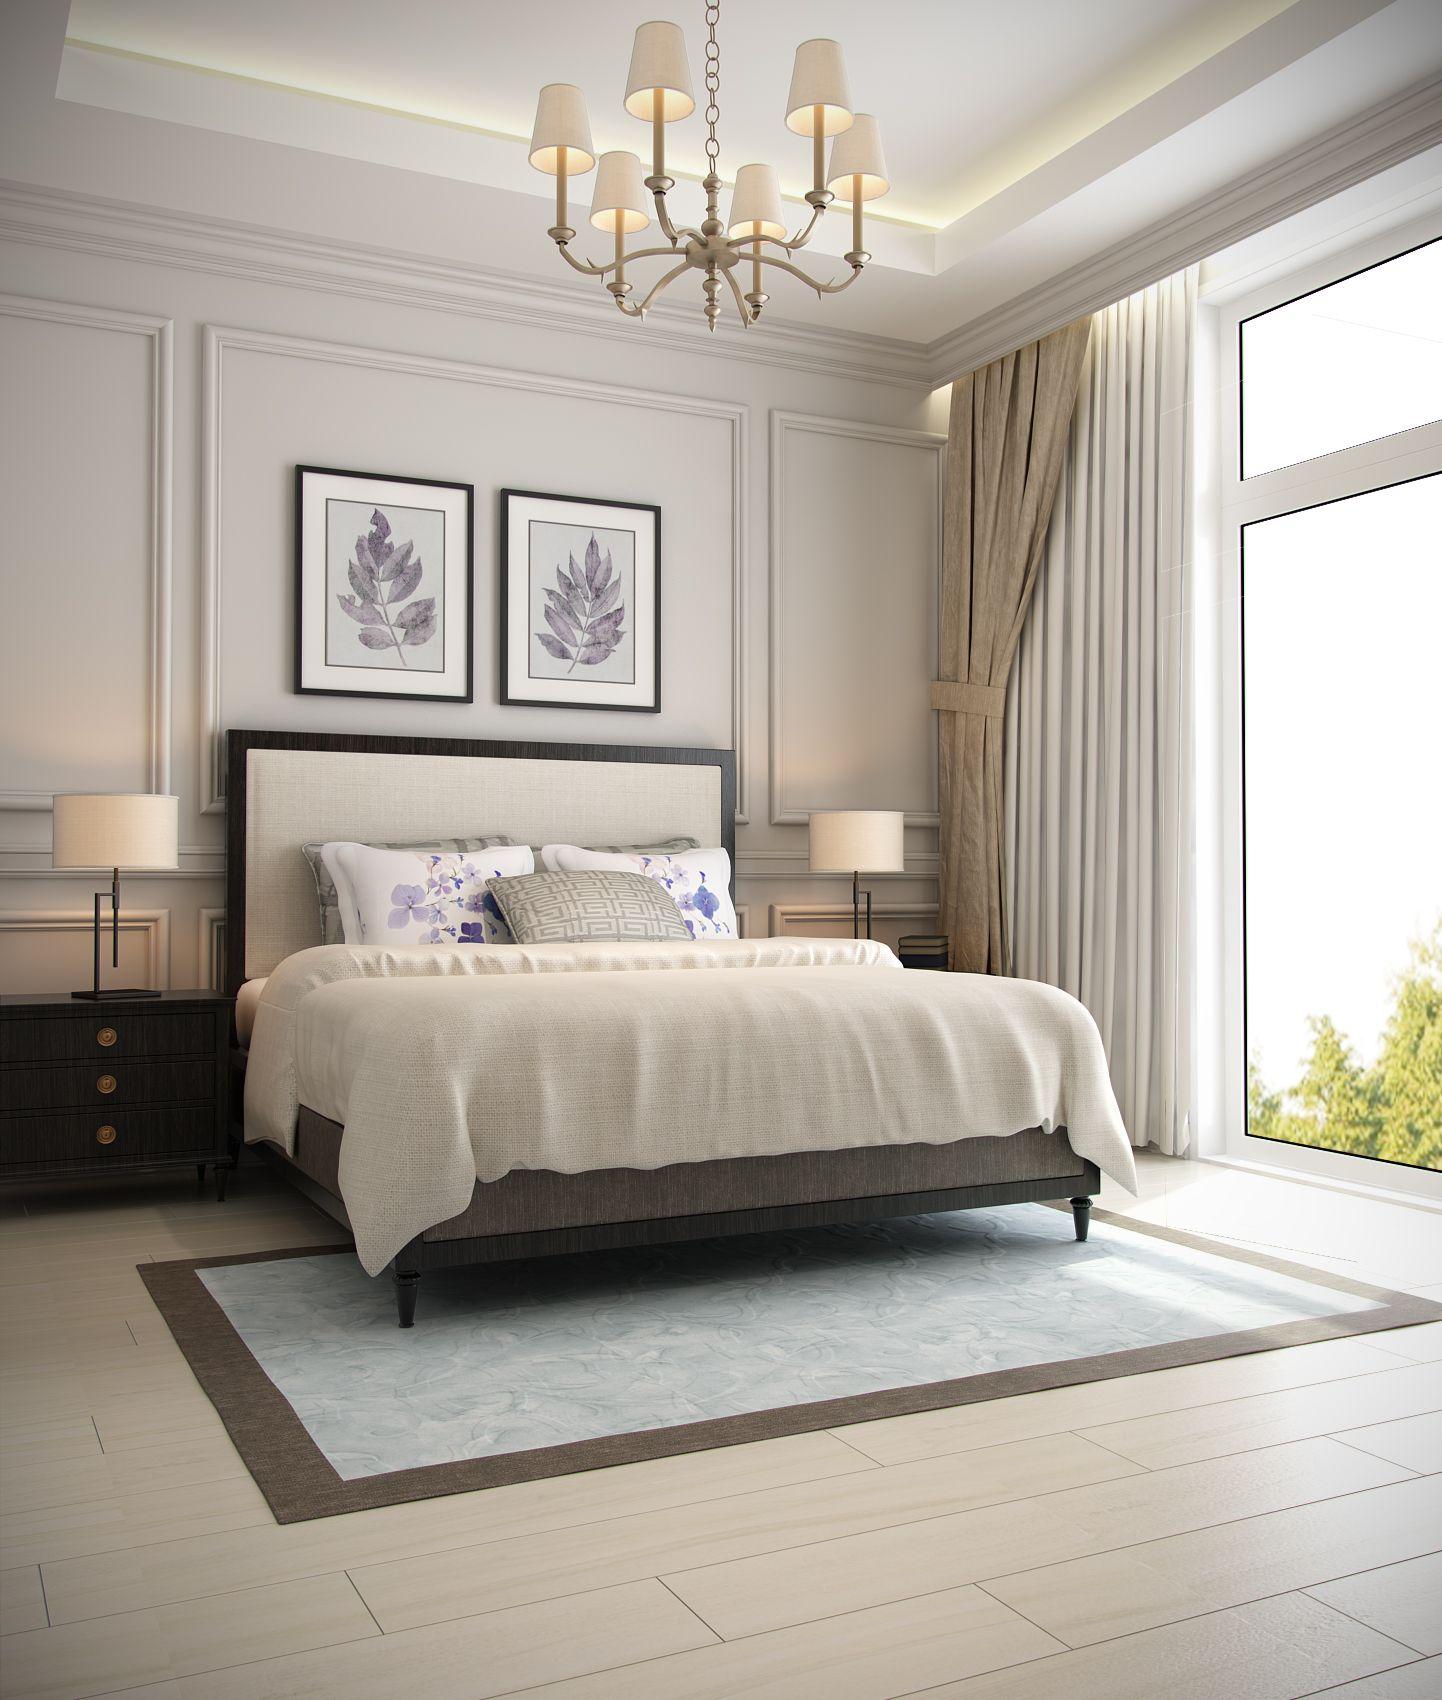 Bedroom Classic Luxury Bedroom Master Modern Bedroom Furniture Luxury Master Bedroom Design